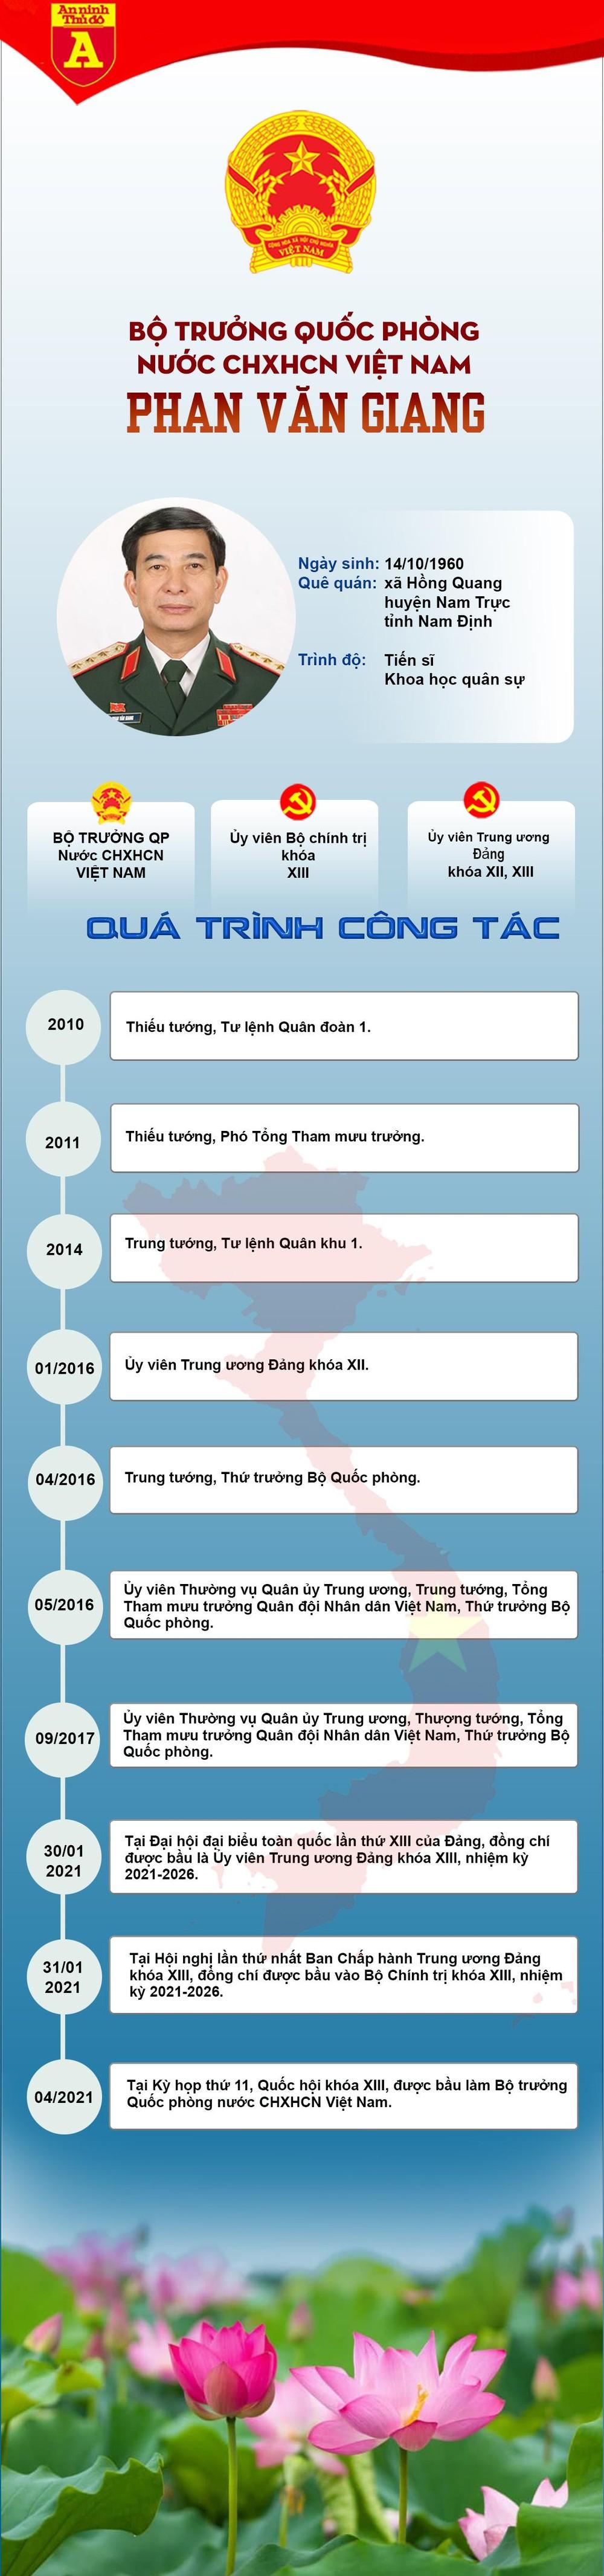 [Info] Tân Bộ trưởng Quốc phòng Phan Văn Giang ảnh 1